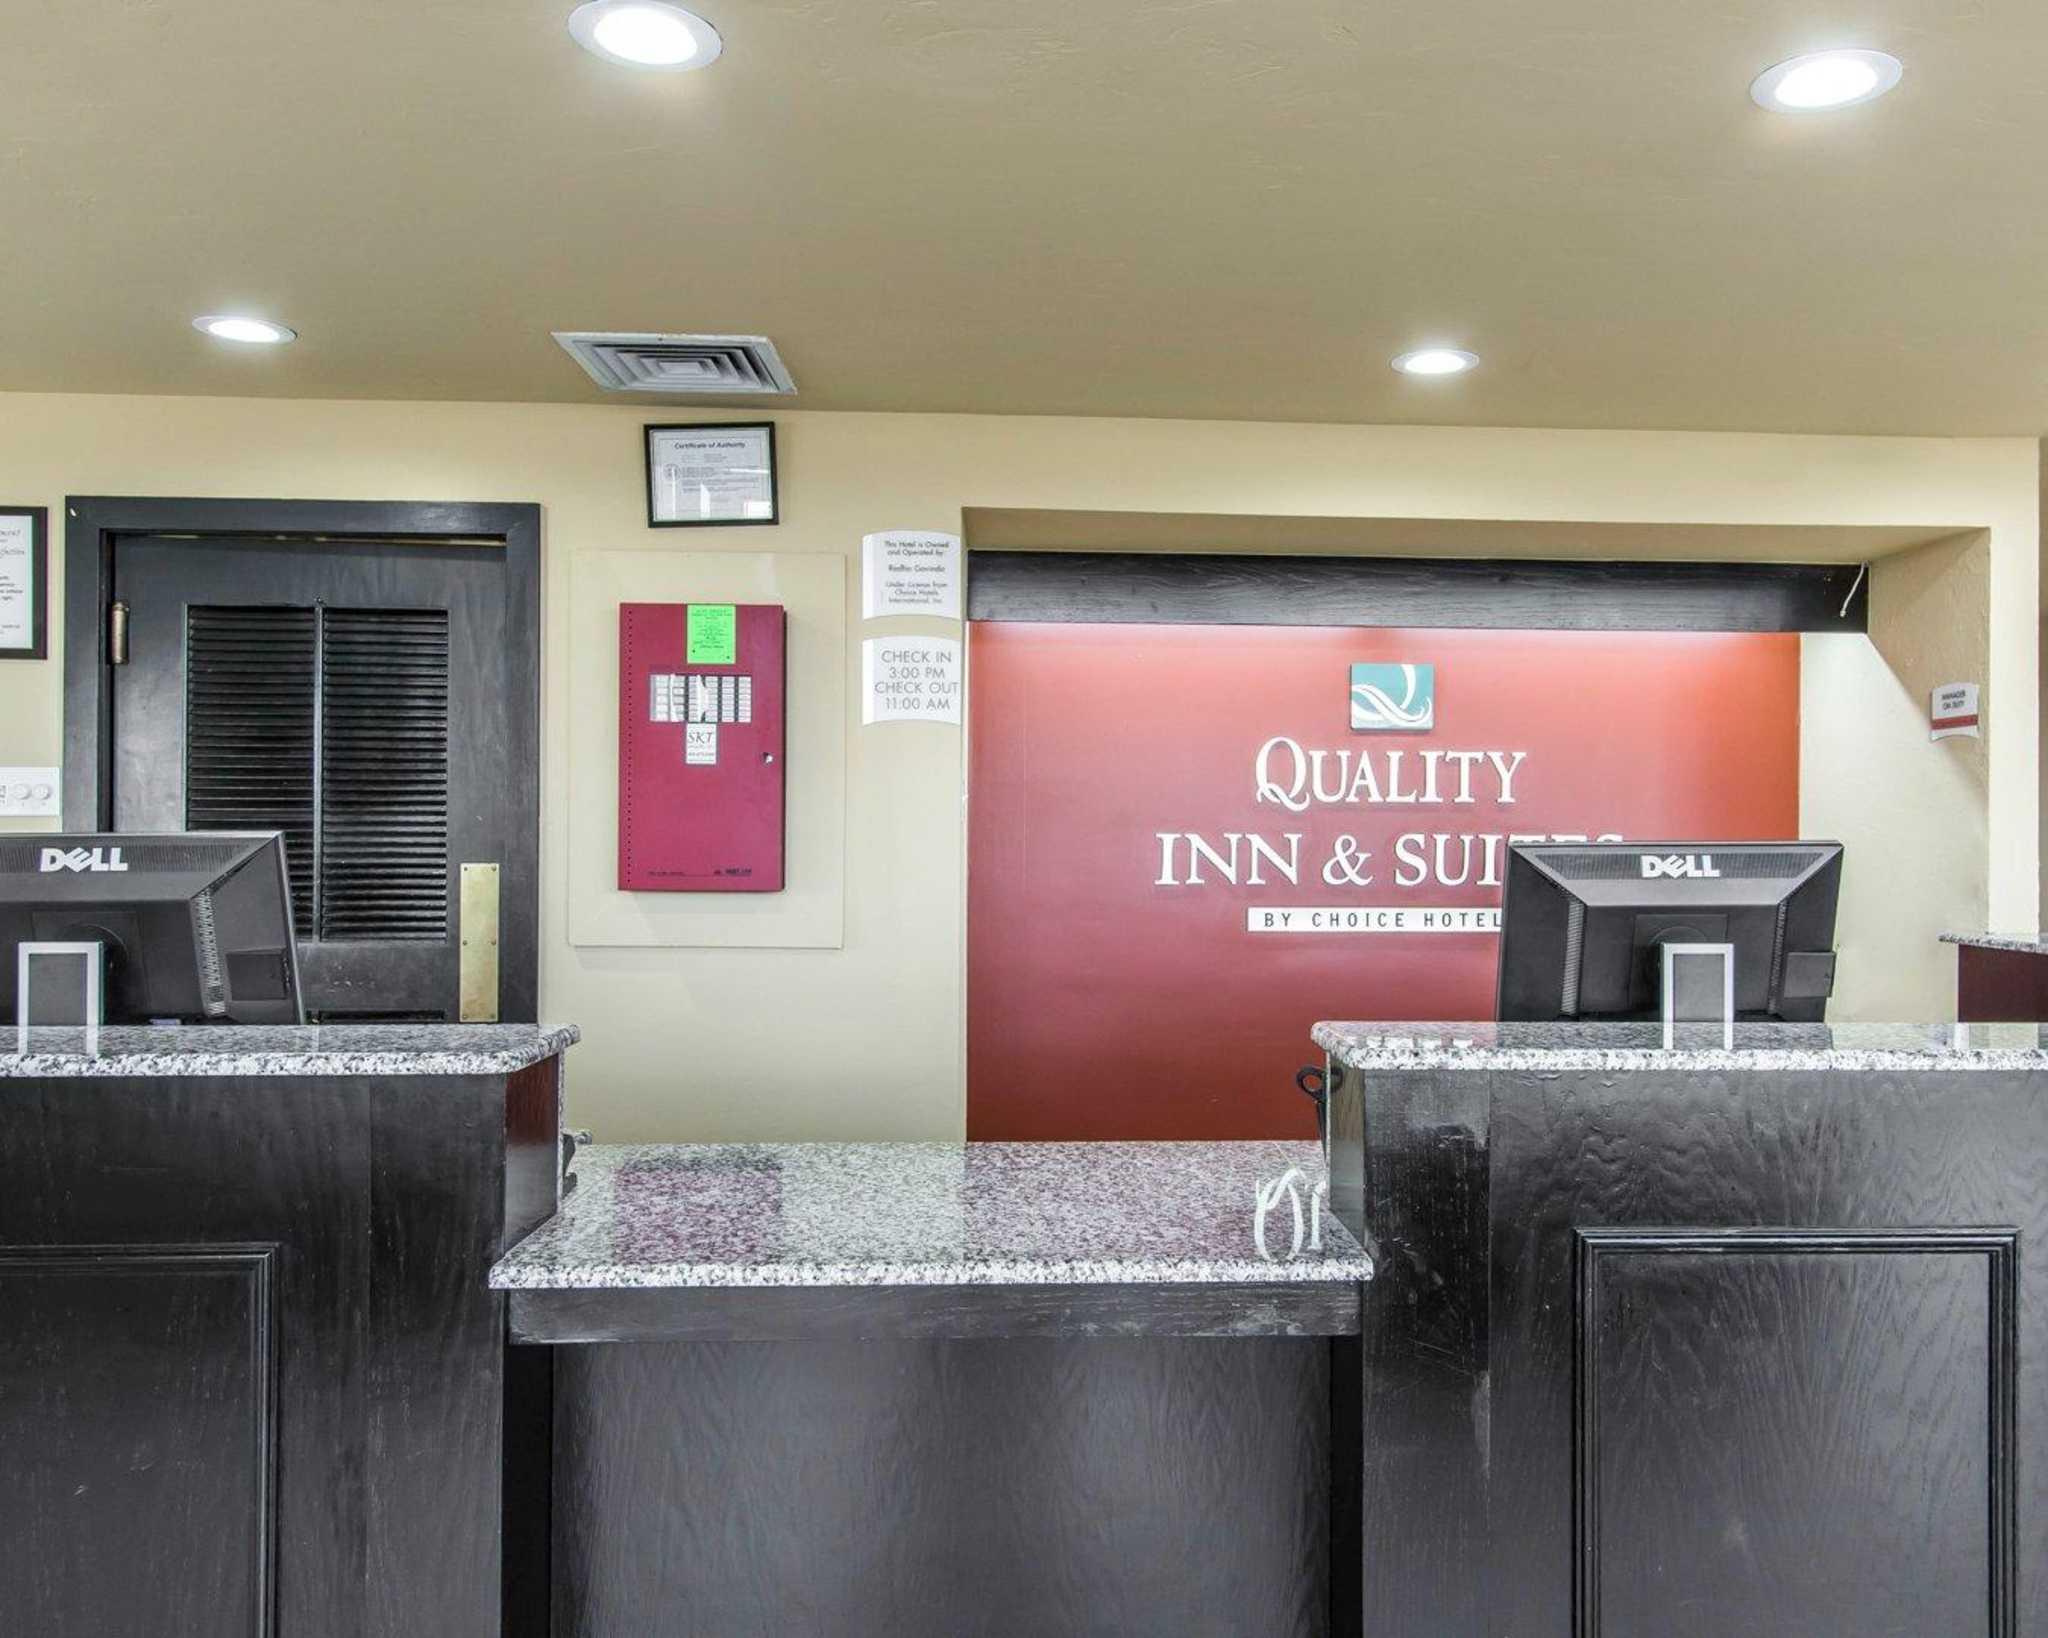 Quality Inn & Suites Fairgrounds West image 16